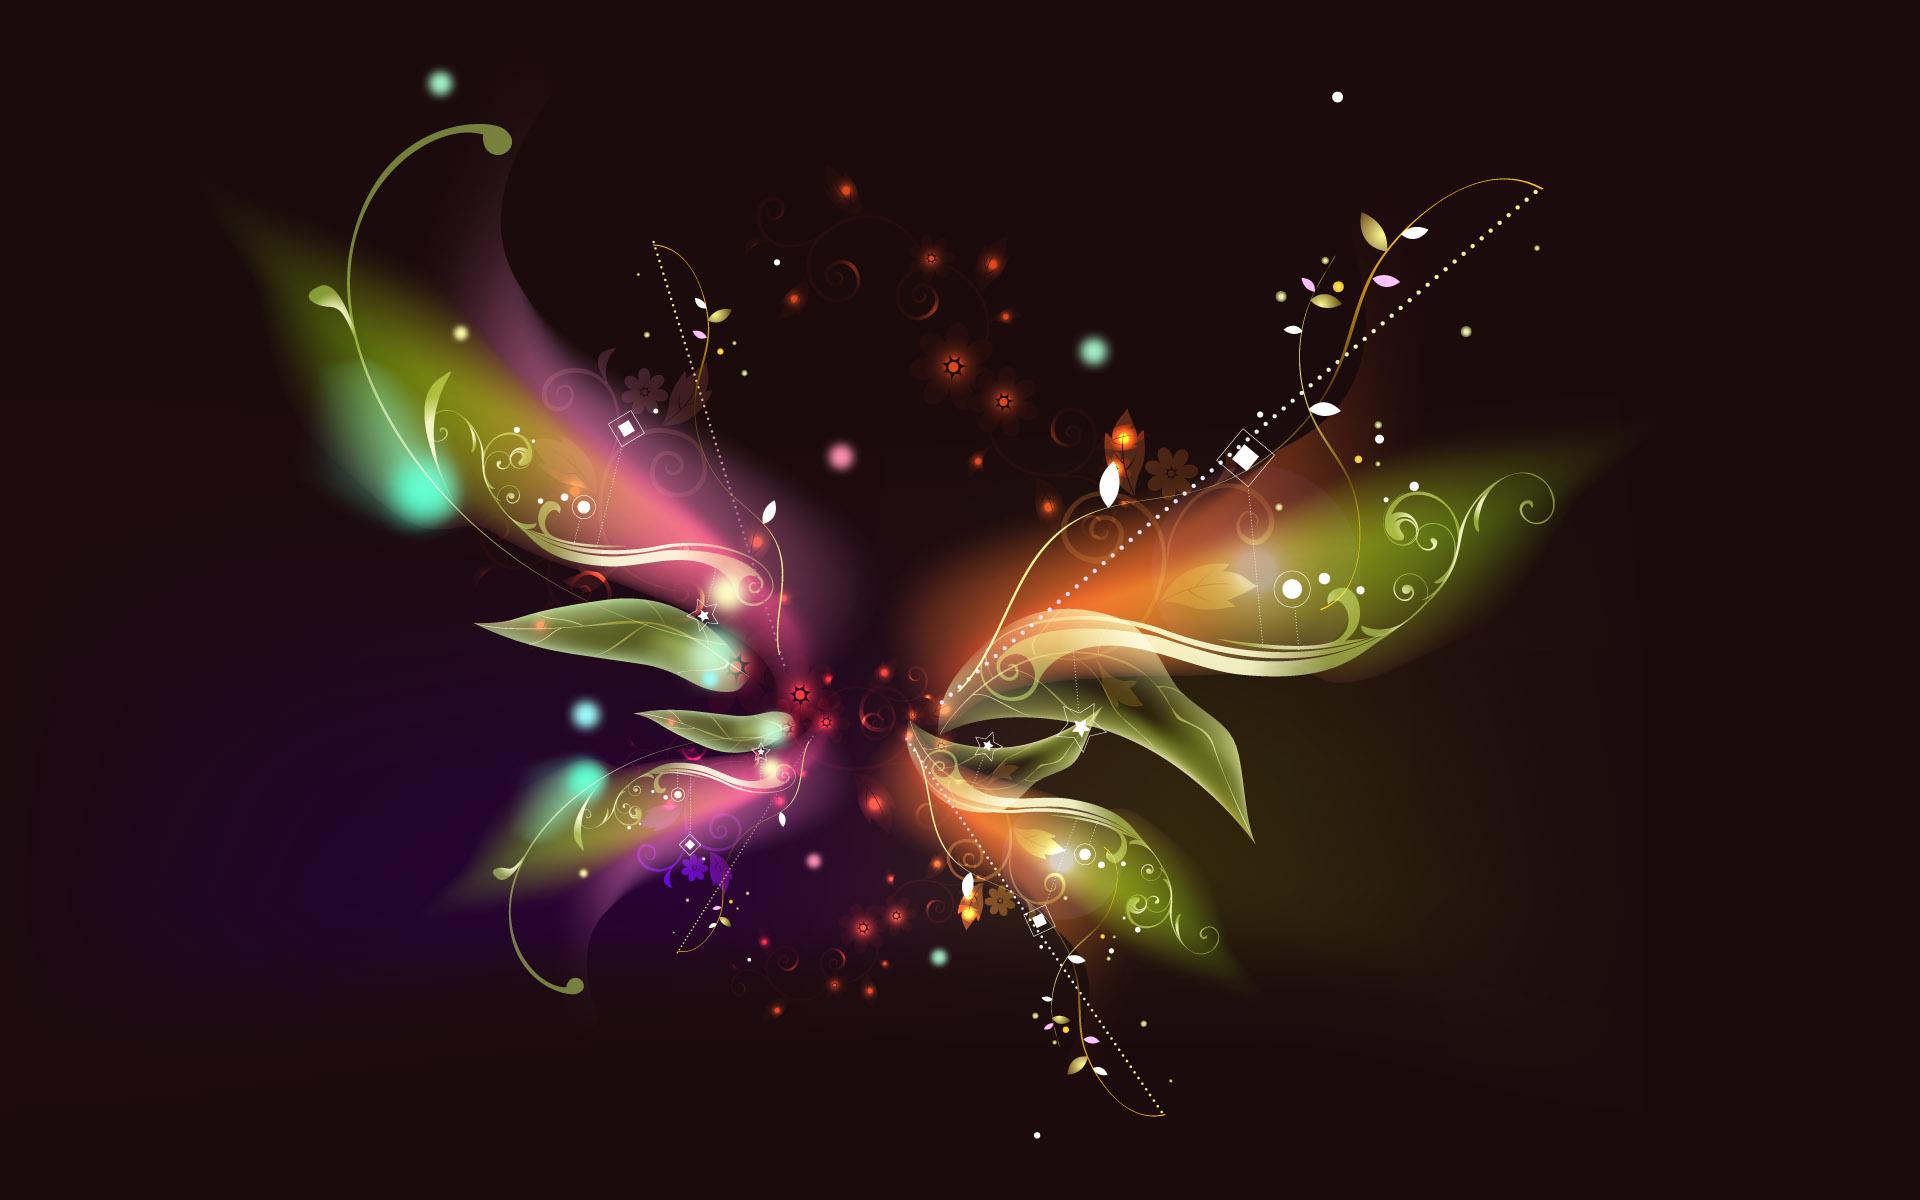 радужная бабочка на черном фоне, скачать фото, обои для рабочего стола